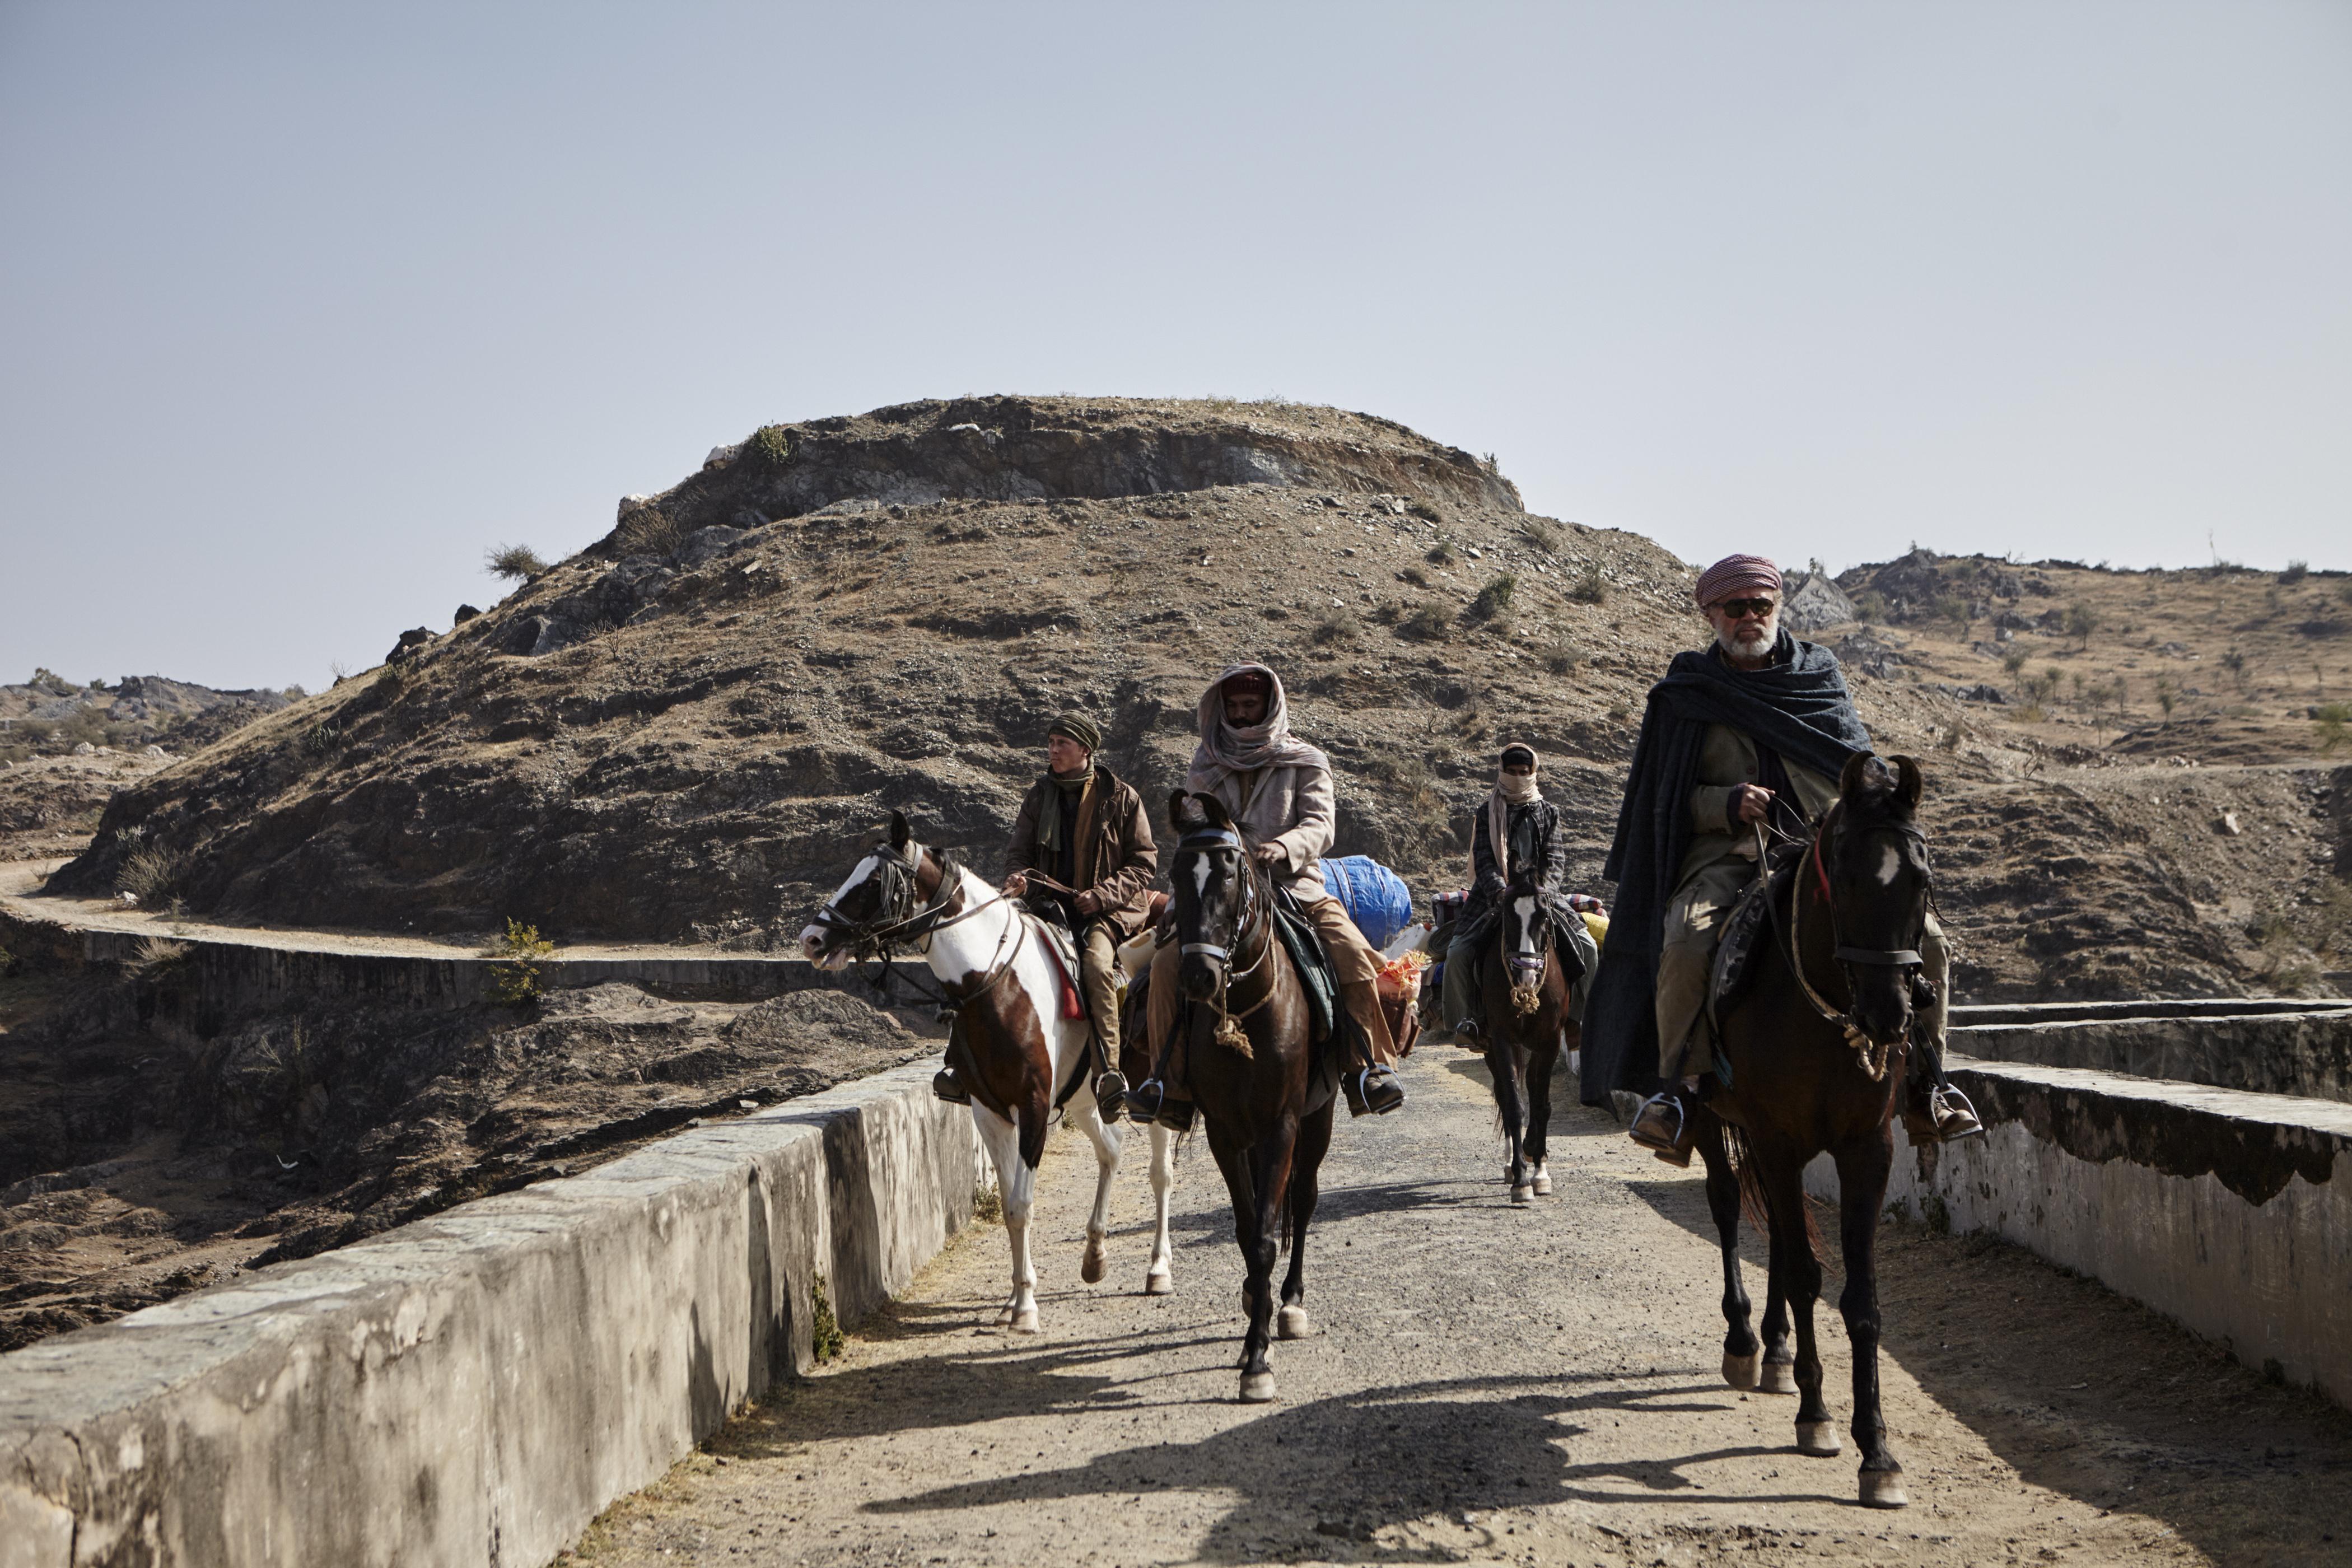 """Udaipur, Inde. 16 janvier 2015. Tournage du film """"Les Cow-Boys"""" (réalisateur : Thomas Bidegain). Photo : Antoine Doyen"""